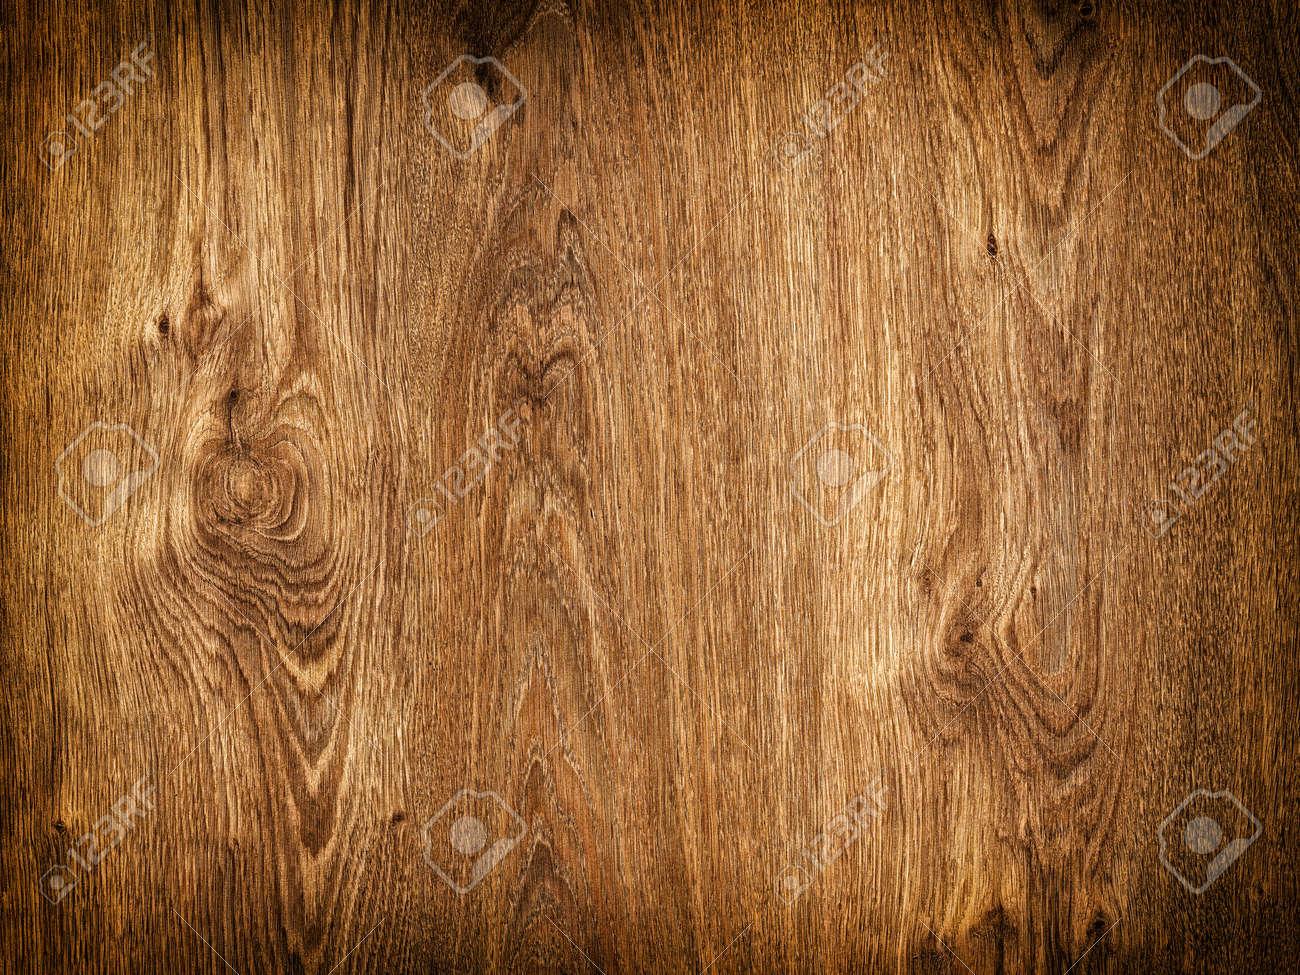 wood background - 31433444